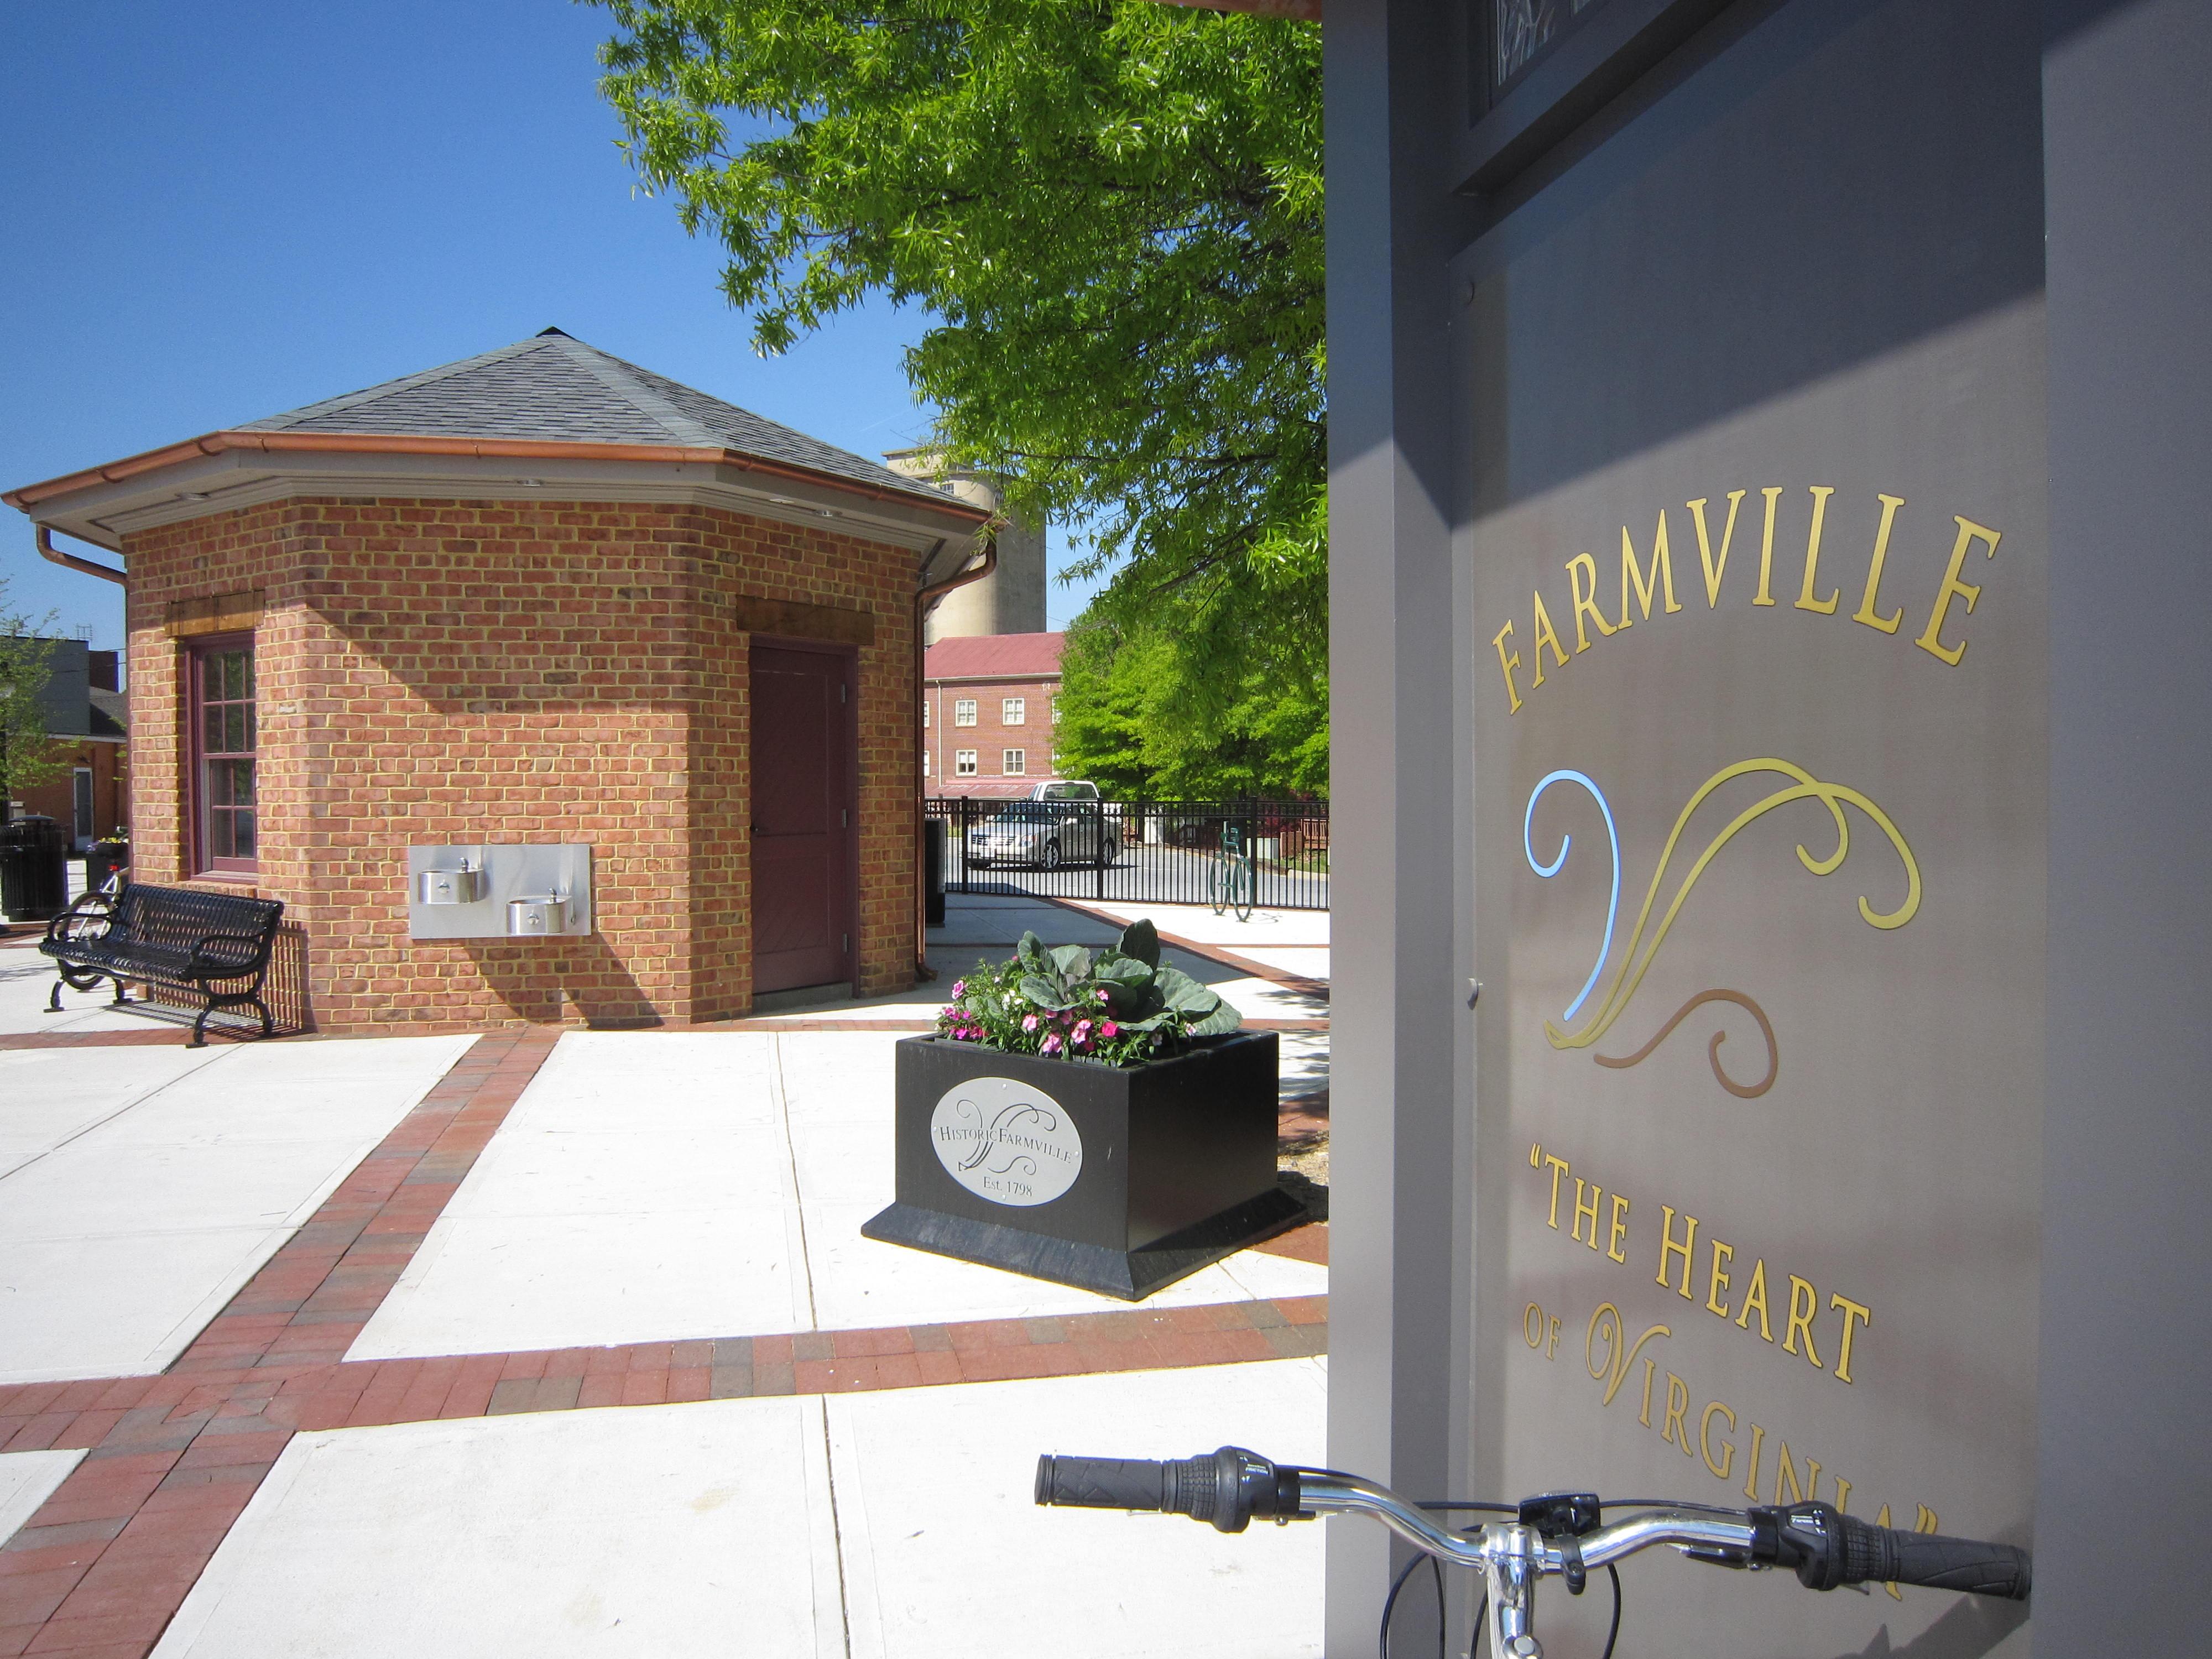 farmville dating site Farmville soleildesables 19 ans keysville styline 20 ans middleburg melm  tous les modèles apparaissant sur ce site ont plus de 18 ans au moment de l.